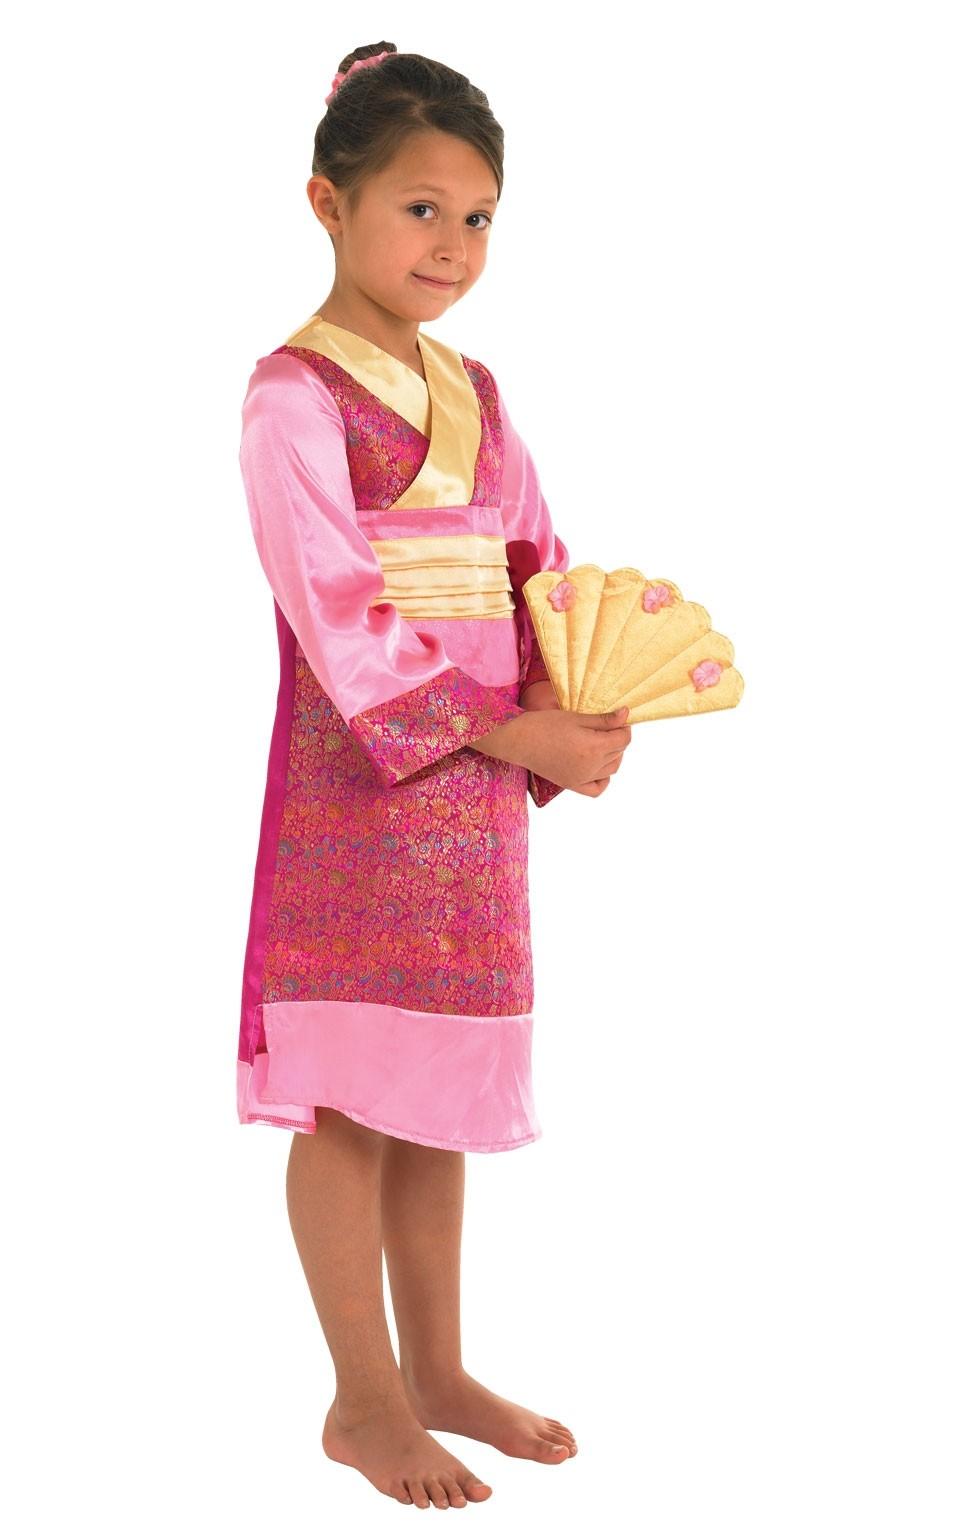 Костюм маленькой японской принцессы (28-30) как жилье при маленькой зарплате